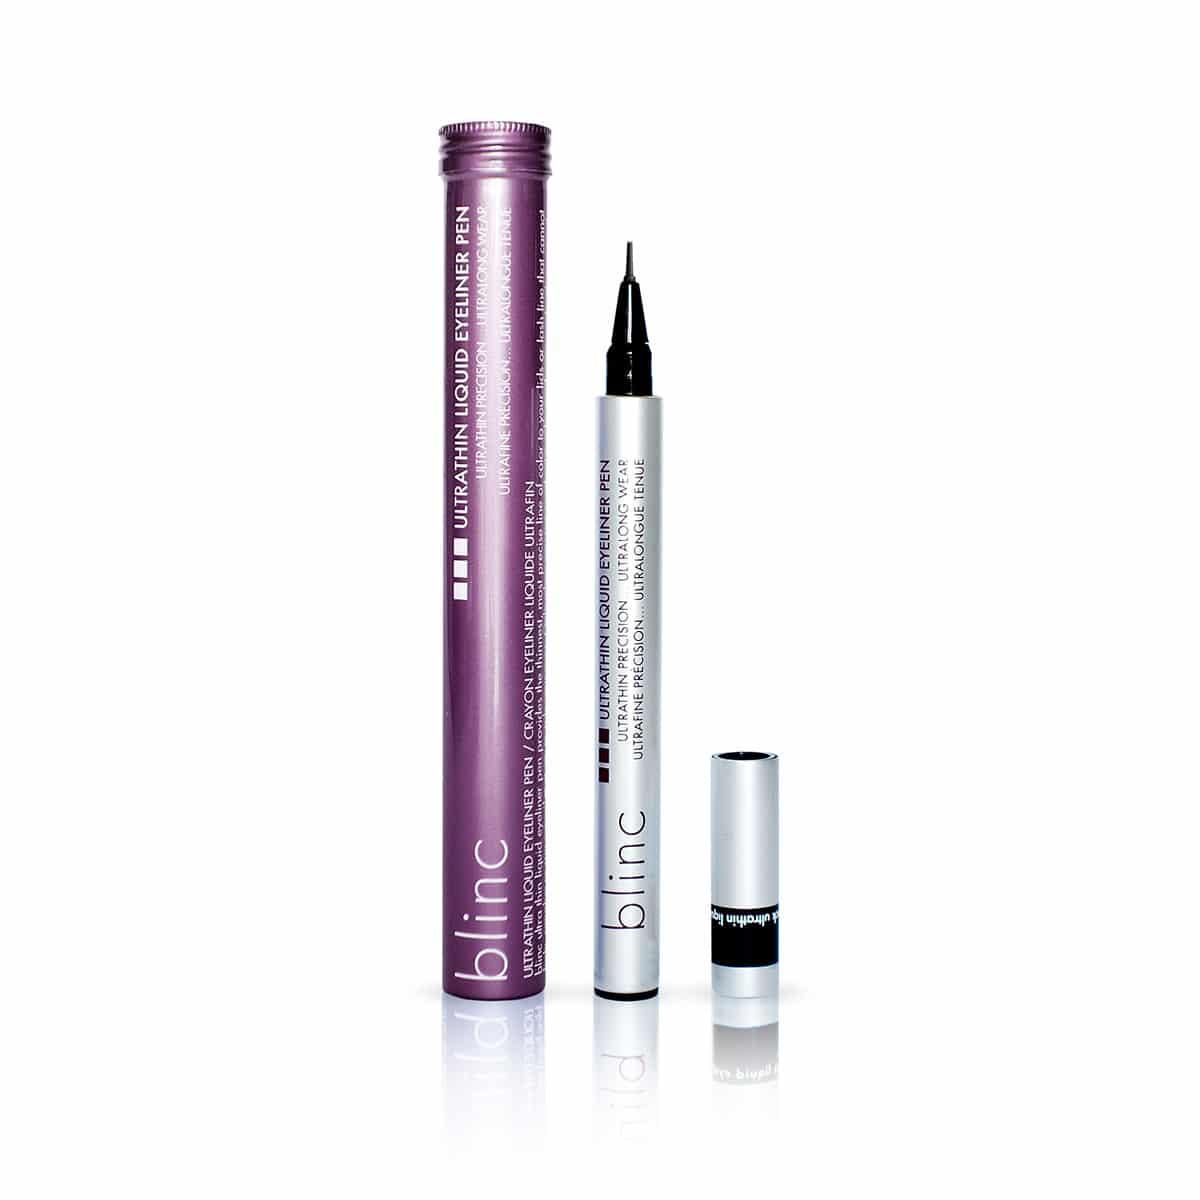 Blinc UltraThin Liquid Eyeliner - Black